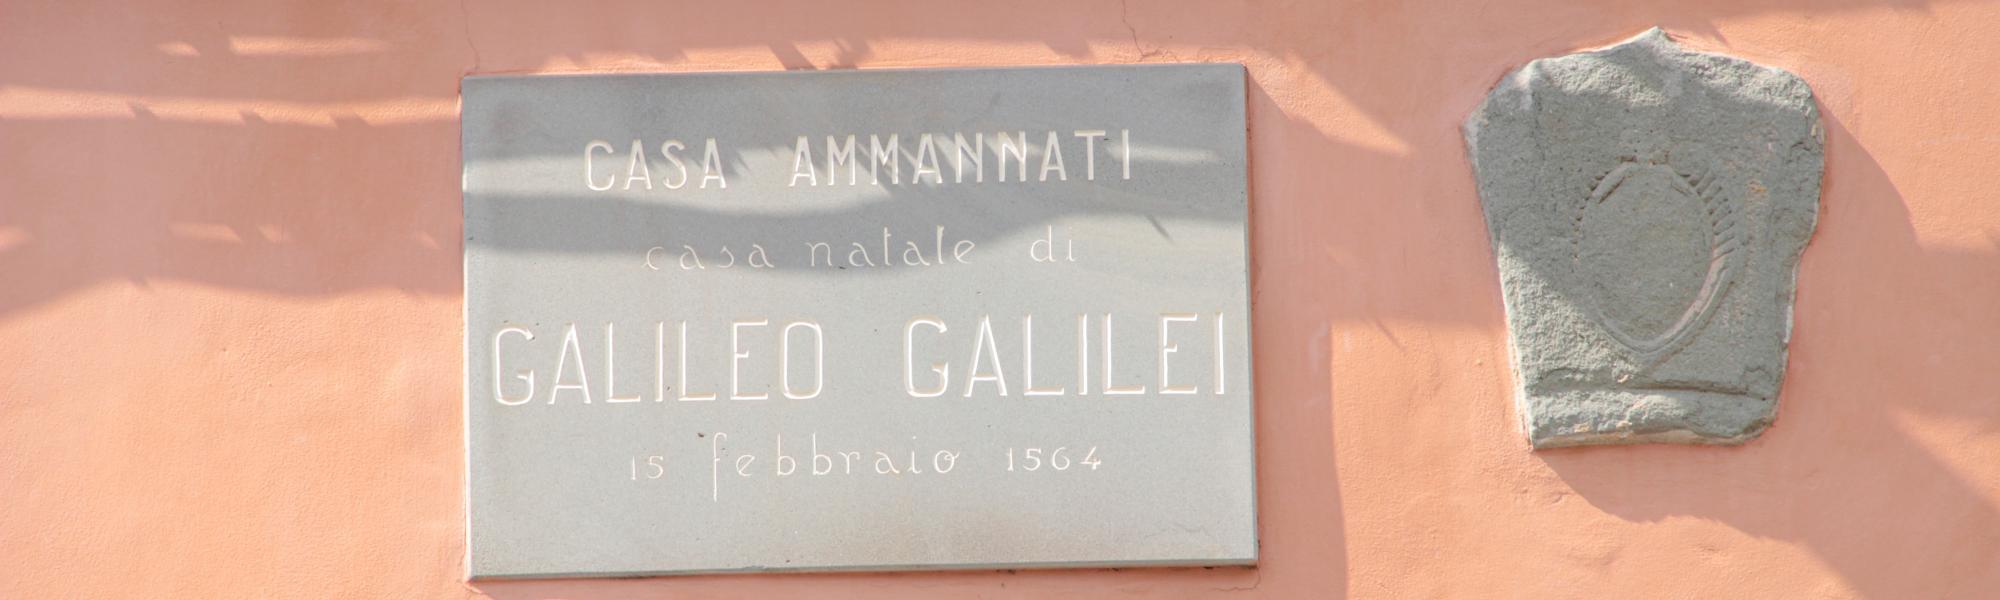 Particolare epigrafe - Casa natale di Galileo Galilei (G. Bettini, Comune di Pisa)